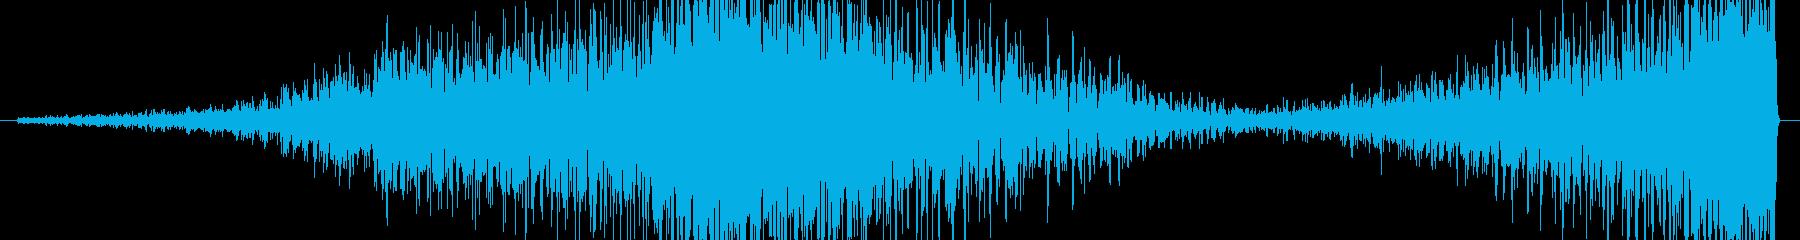 ヘビーウーッシュフェードインシフト...の再生済みの波形